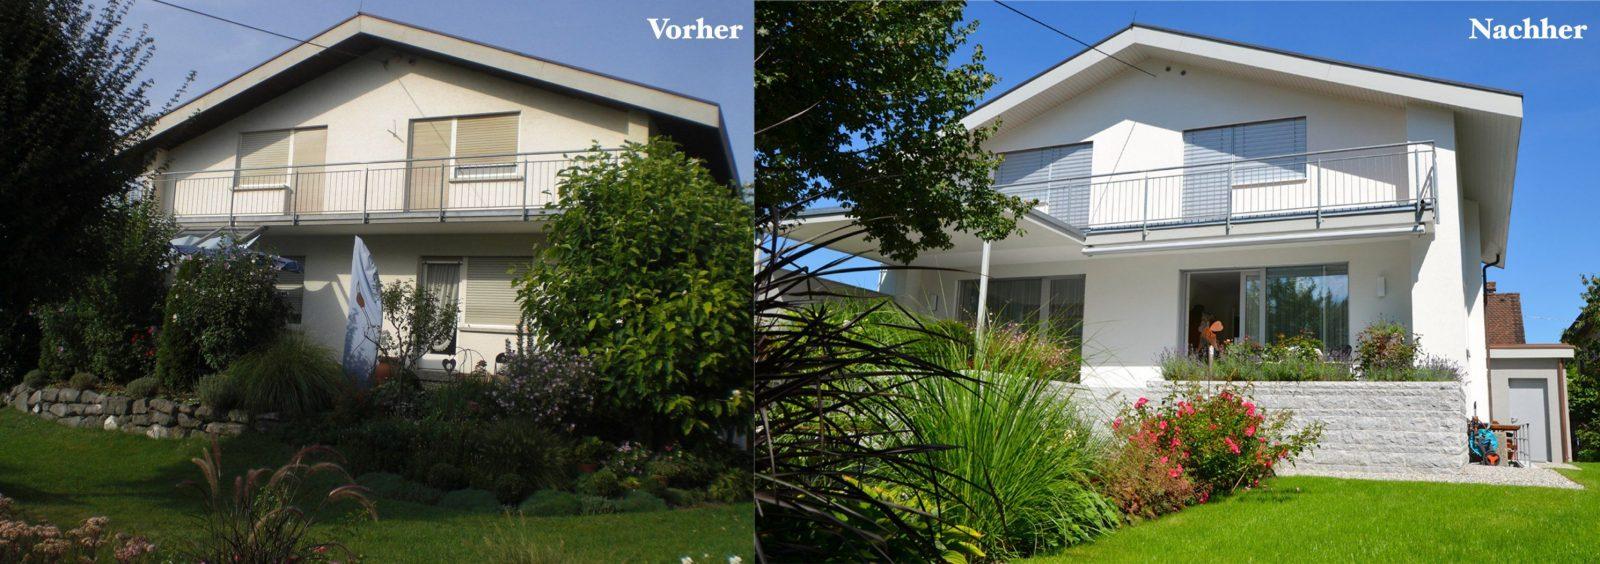 Wunderbar Haus Umbauen Vorher Nachher Awesome Altes Haus Renovieren von Altes Haus Umbauen Vorher Nachher Bild